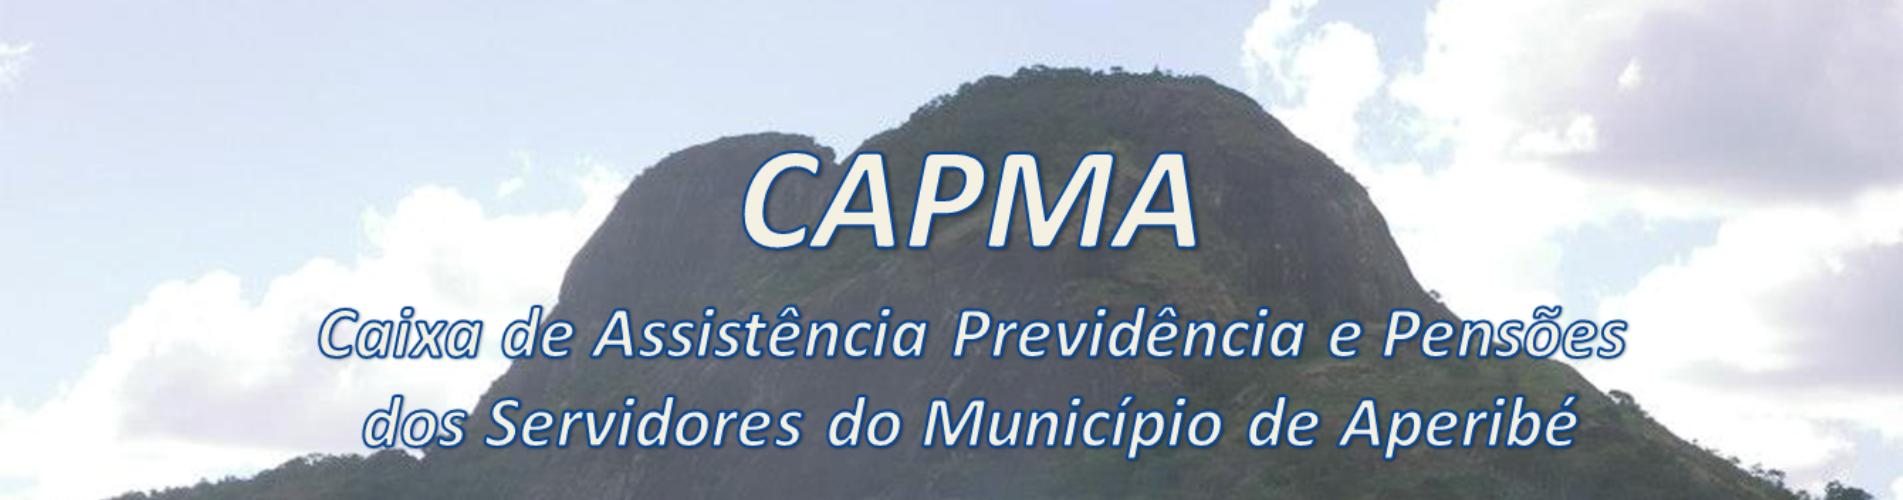 CAPMA